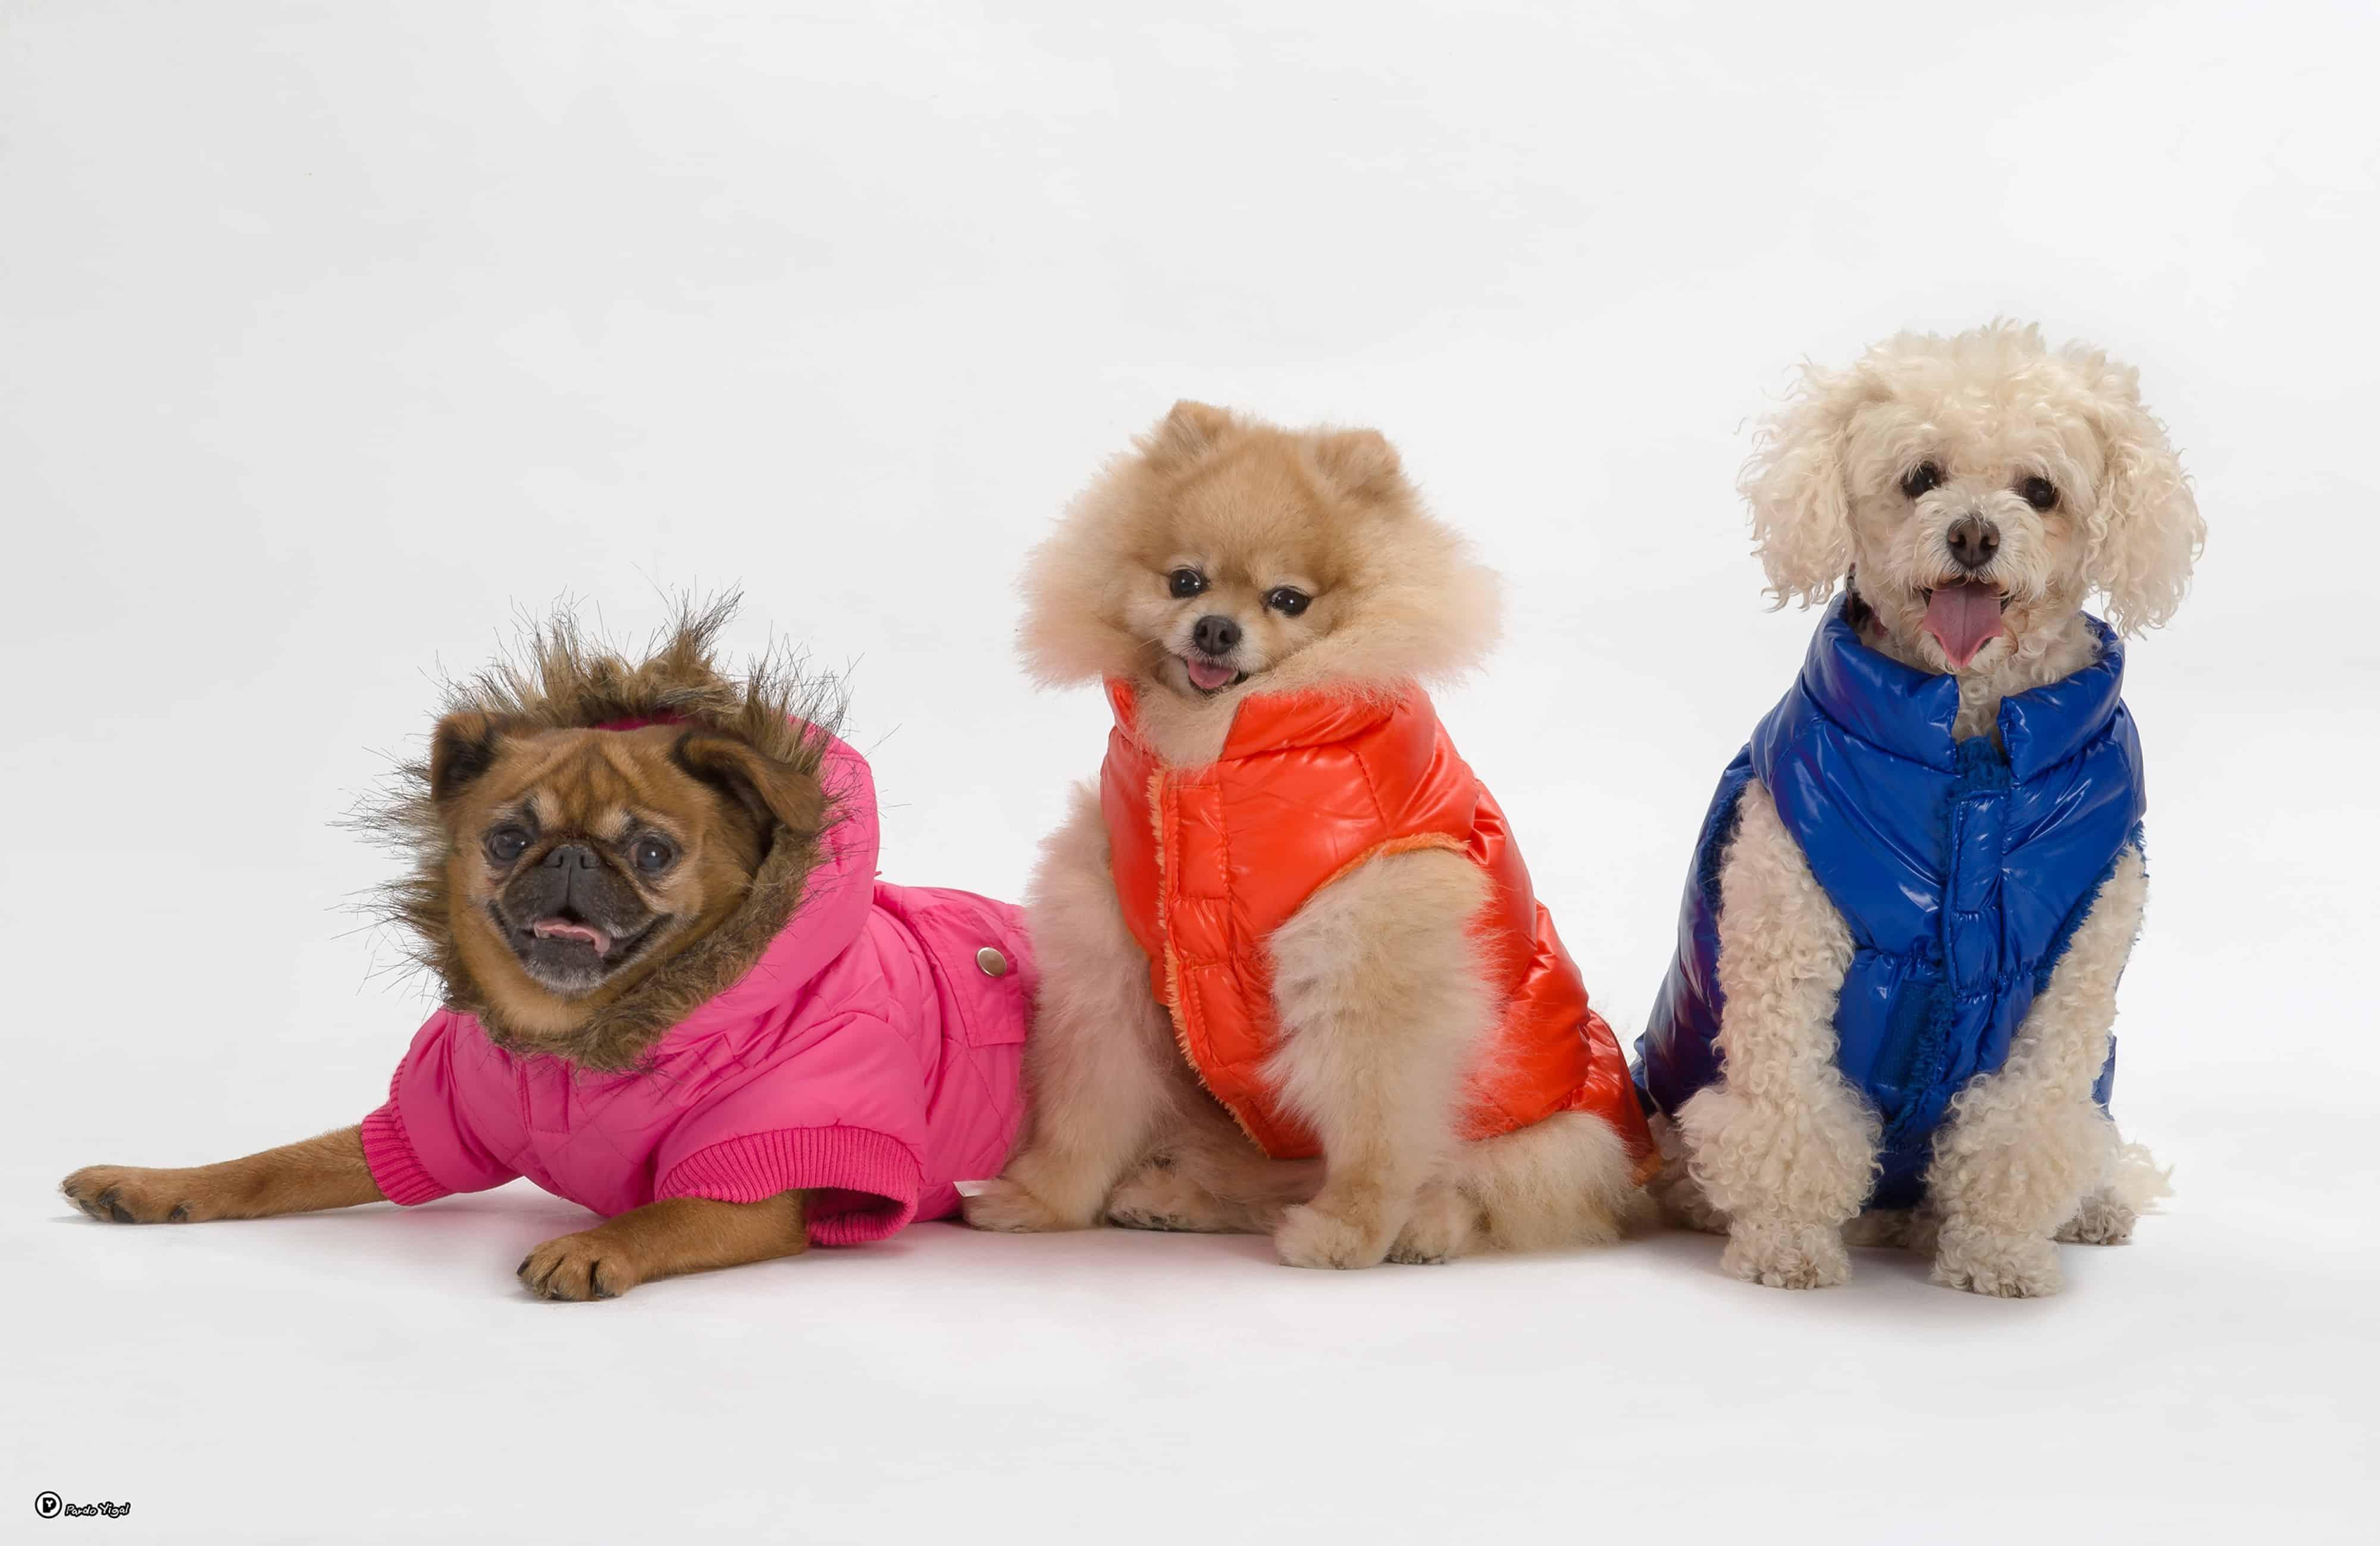 מותג הבגדים לכלבים ריבוס מבית ביופט מעילים לכלבים מחיר 79 שח צילום יגאל פרדו (1)